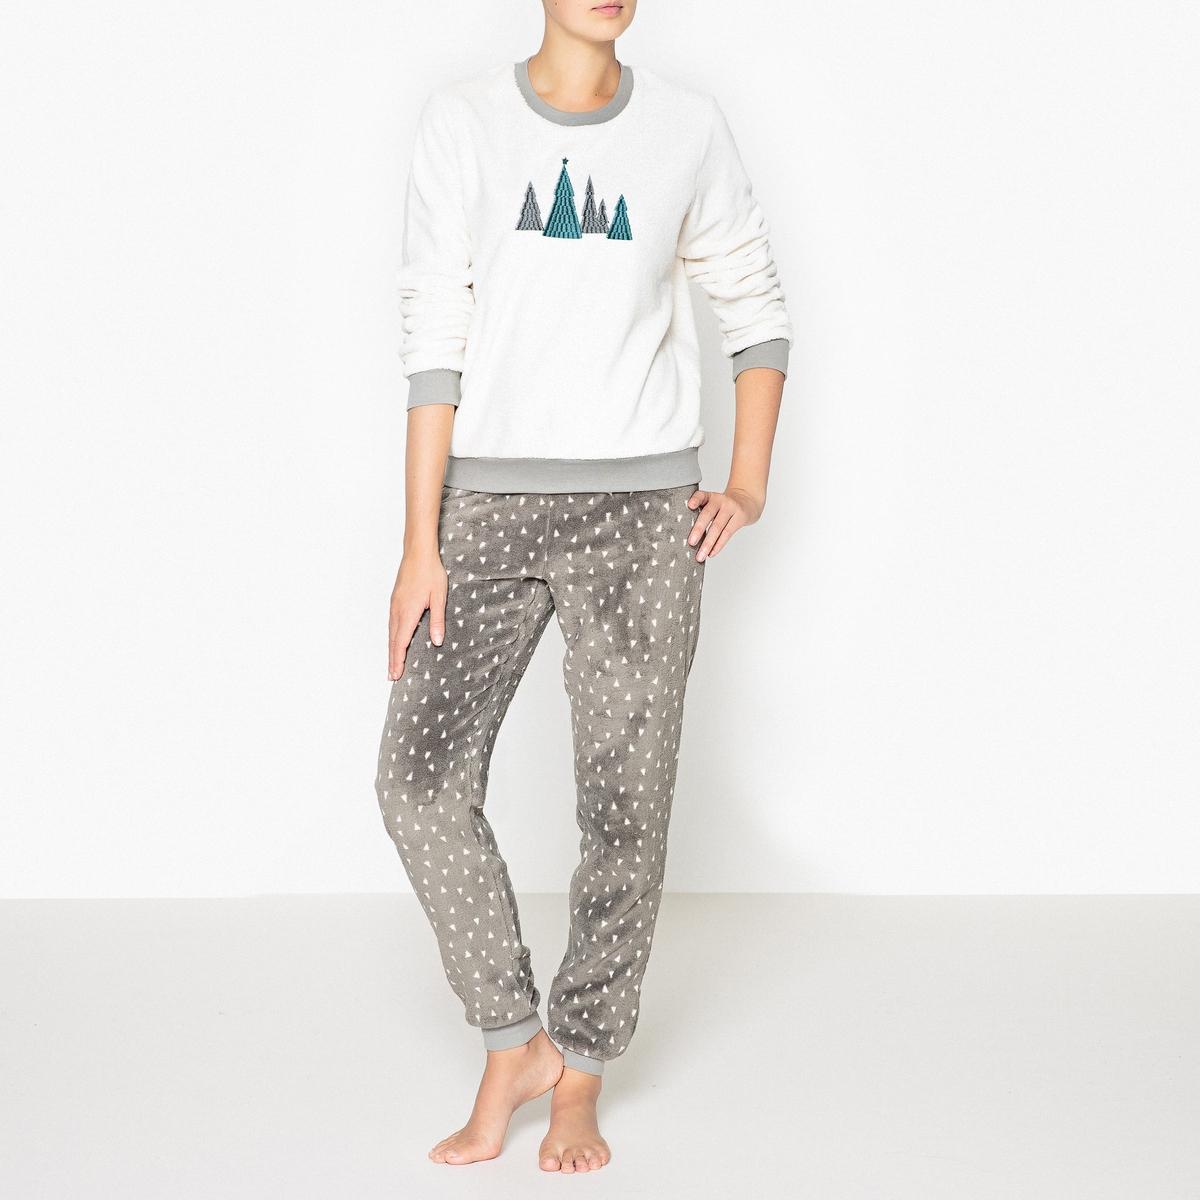 Пижама теплая с принтомРаздельная пижама с очаровательным рисунком и искусной отделкой идеальна для зимних вечеров   ! Состав и описаниеПижама раздельная с круглым вырезом и длинными рукавами .Эластичные брюки на уровне щиколоток, эластичный пояс и завязки с бантиком Материал : 100% полиэстер Длина: Высота : 62 см Длина по внутр.шву : 76 смУход: :Стирать с вещами подобного цвета при 30°.Стирать и сушить с изнаночной стороны.<br><br>Цвет: белый/ антрацит<br>Размер: 34/36 (FR) - 40/42 (RUS).50/52 (FR) - 56/58 (RUS).46/48 (FR) - 52/54 (RUS).42/44 (FR) - 48/50 (RUS).38/40 (FR) - 44/46 (RUS)